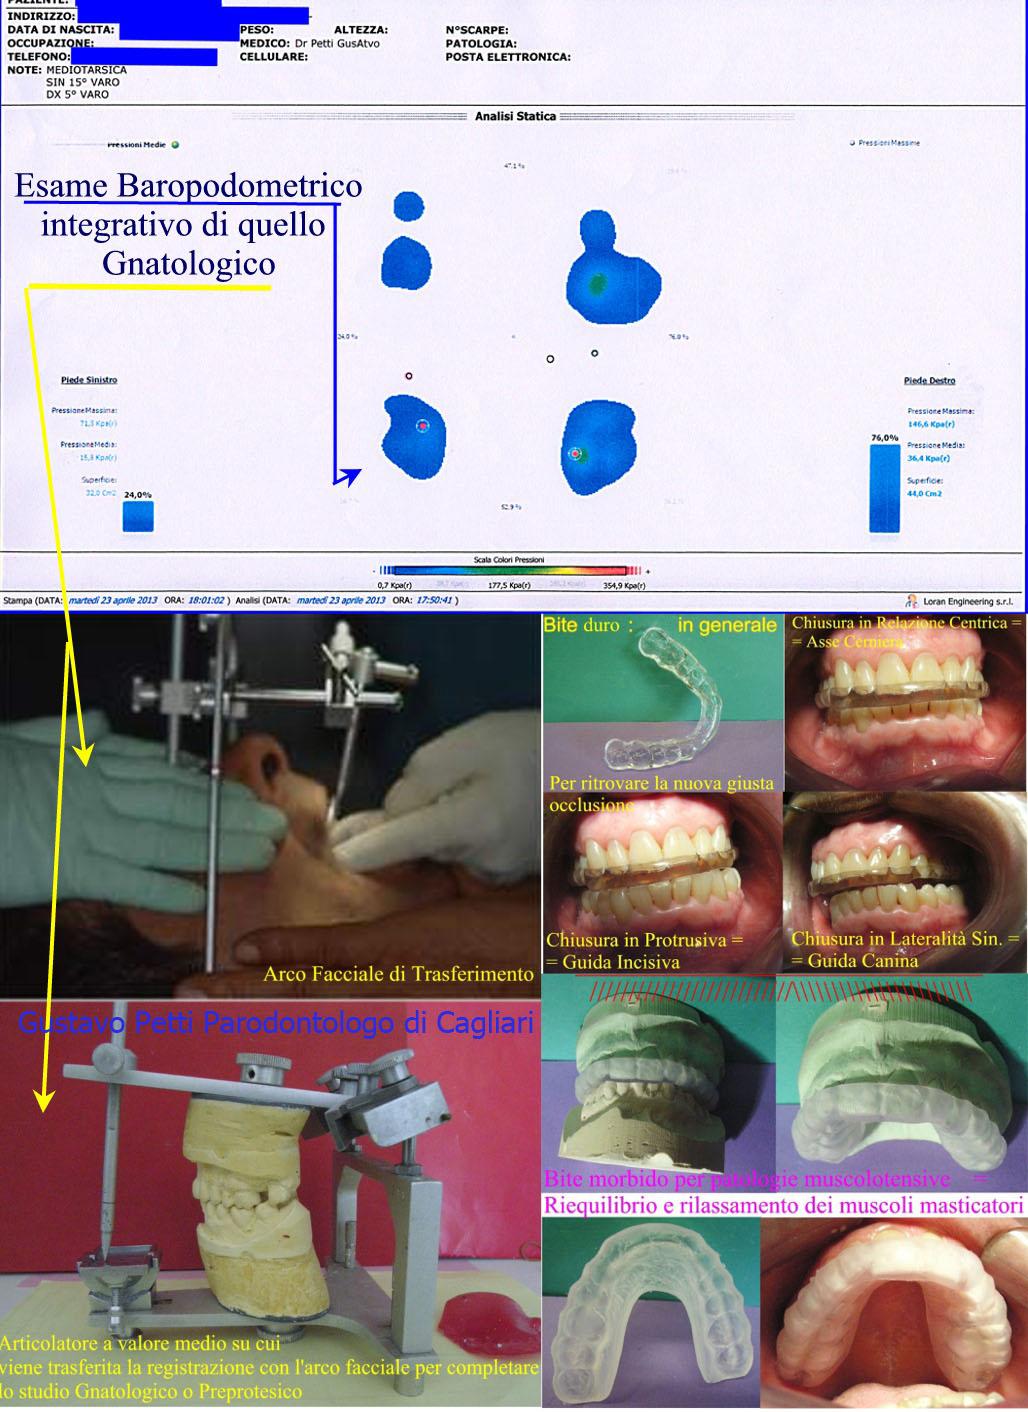 gnatologia-g.petticagliari.jpg